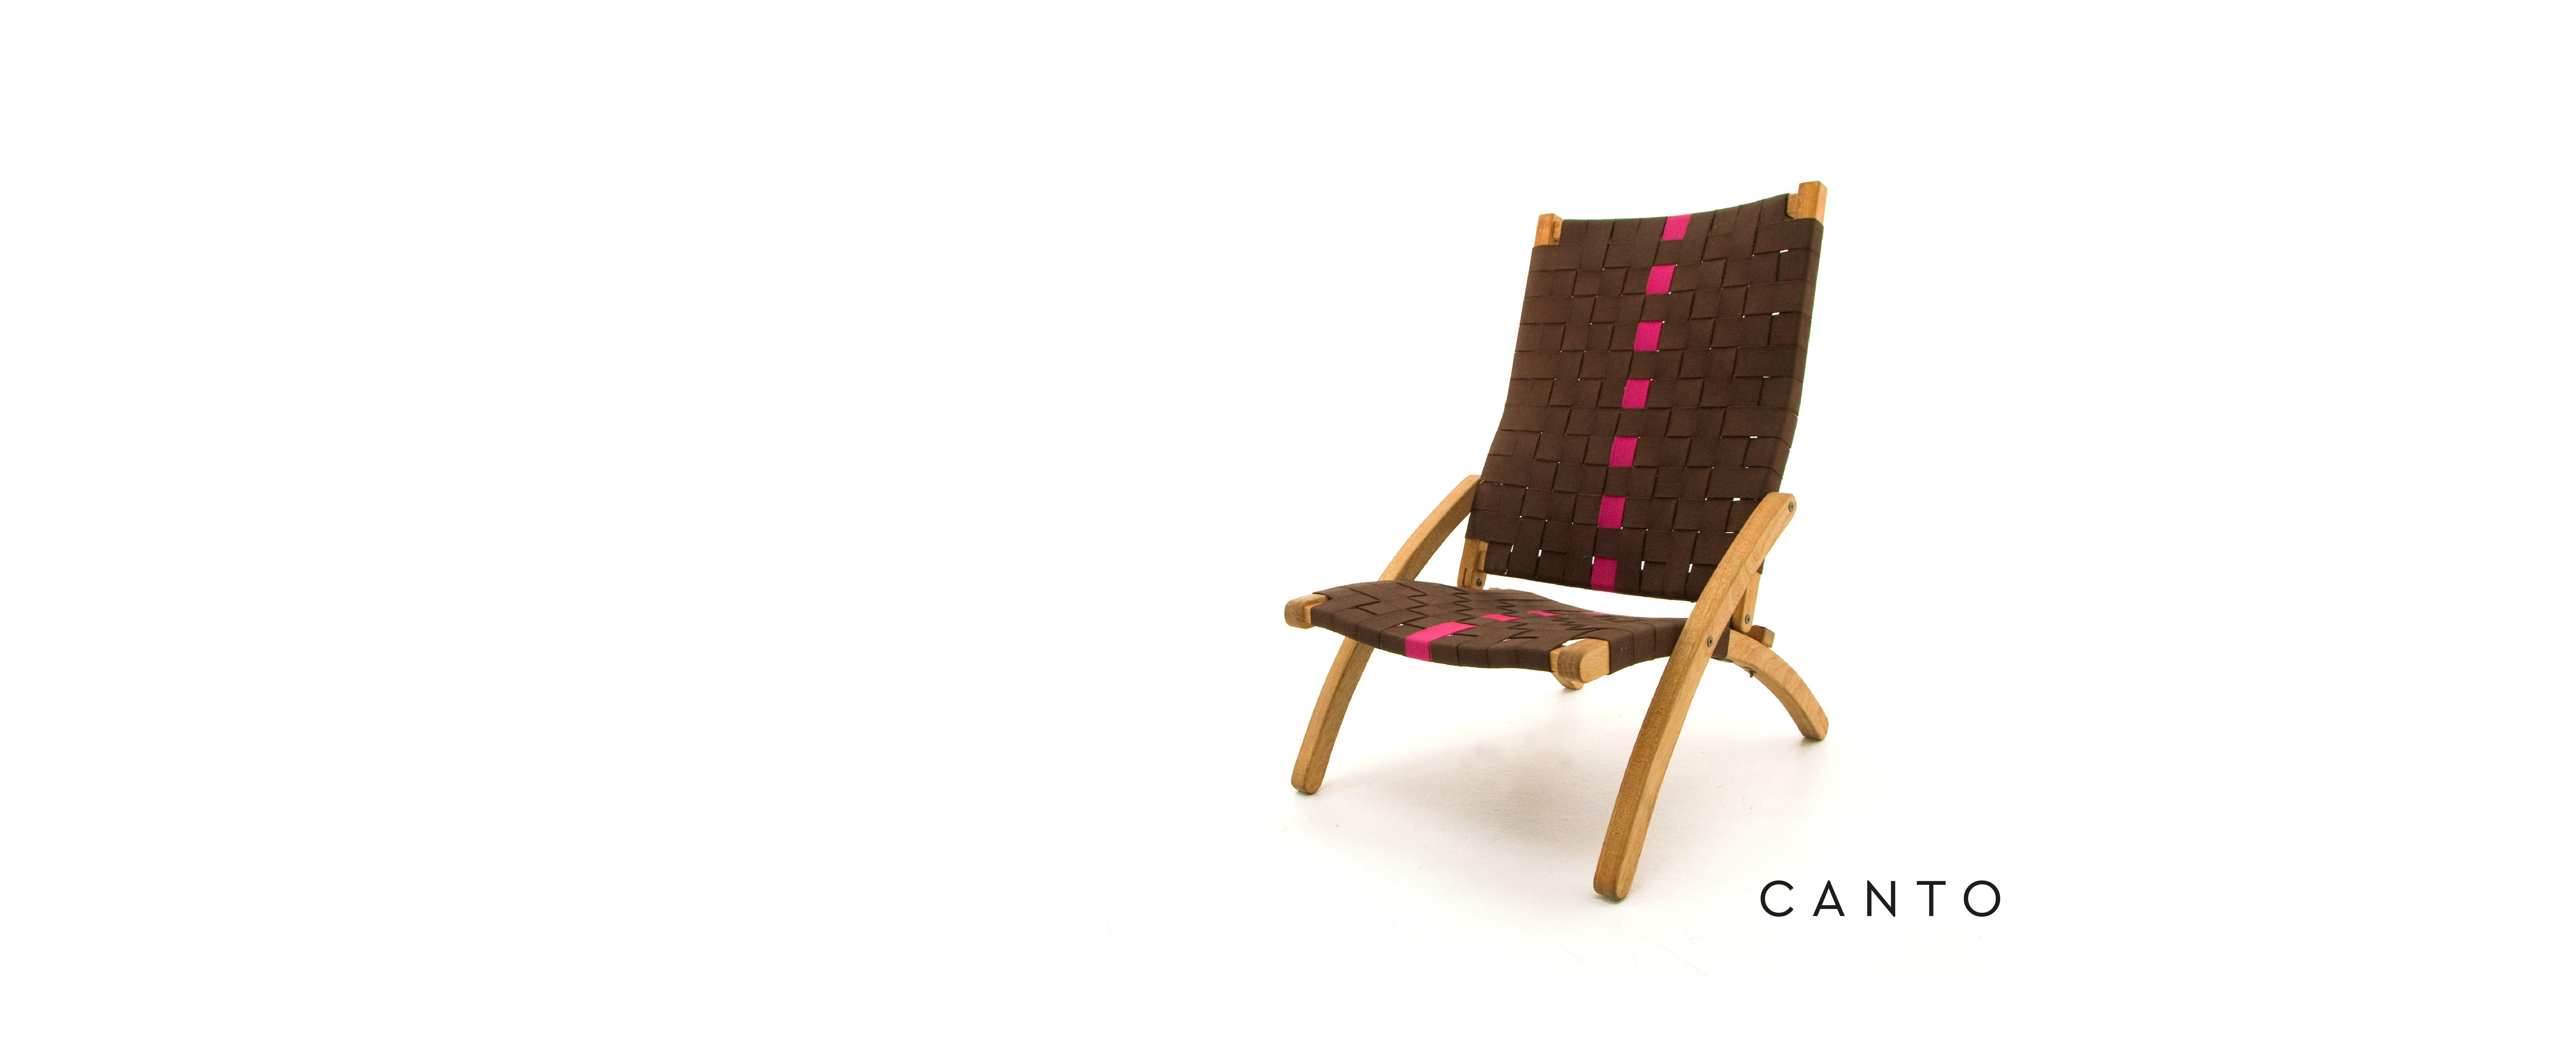 Canto Artesanos Mexico Silla Ruiseñor Furniture